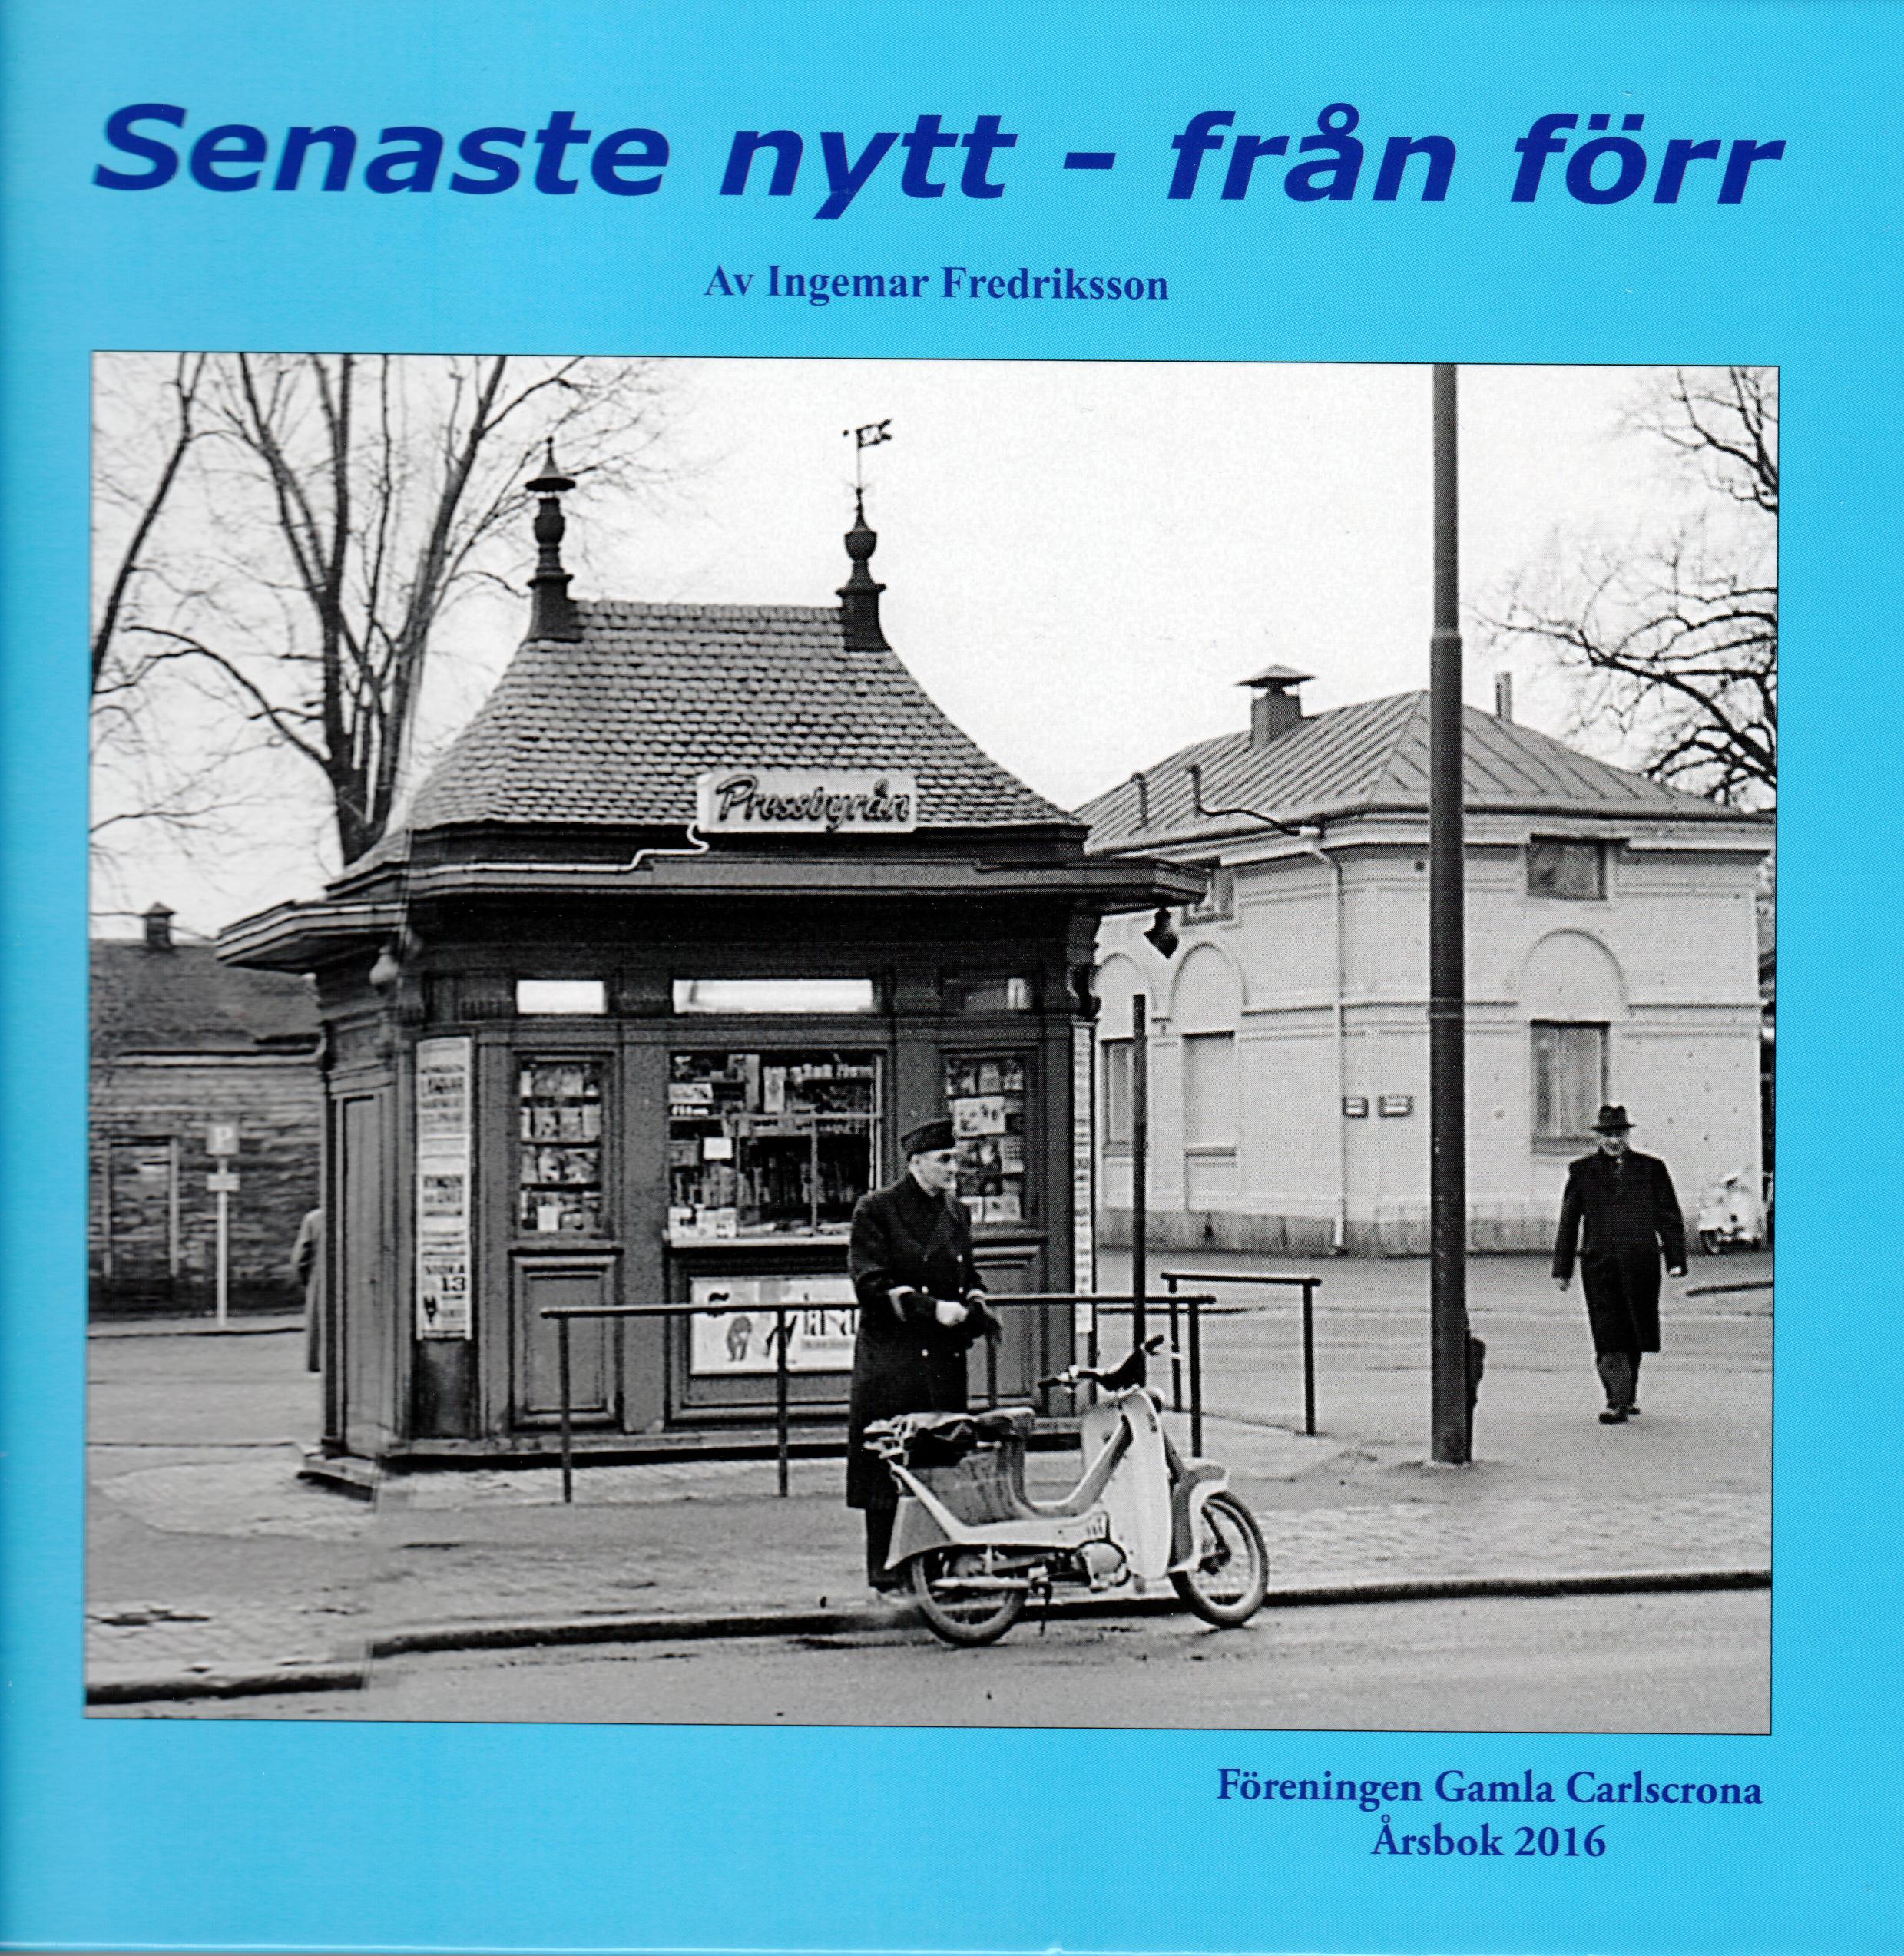 2016 - Senaste nytt - från förr